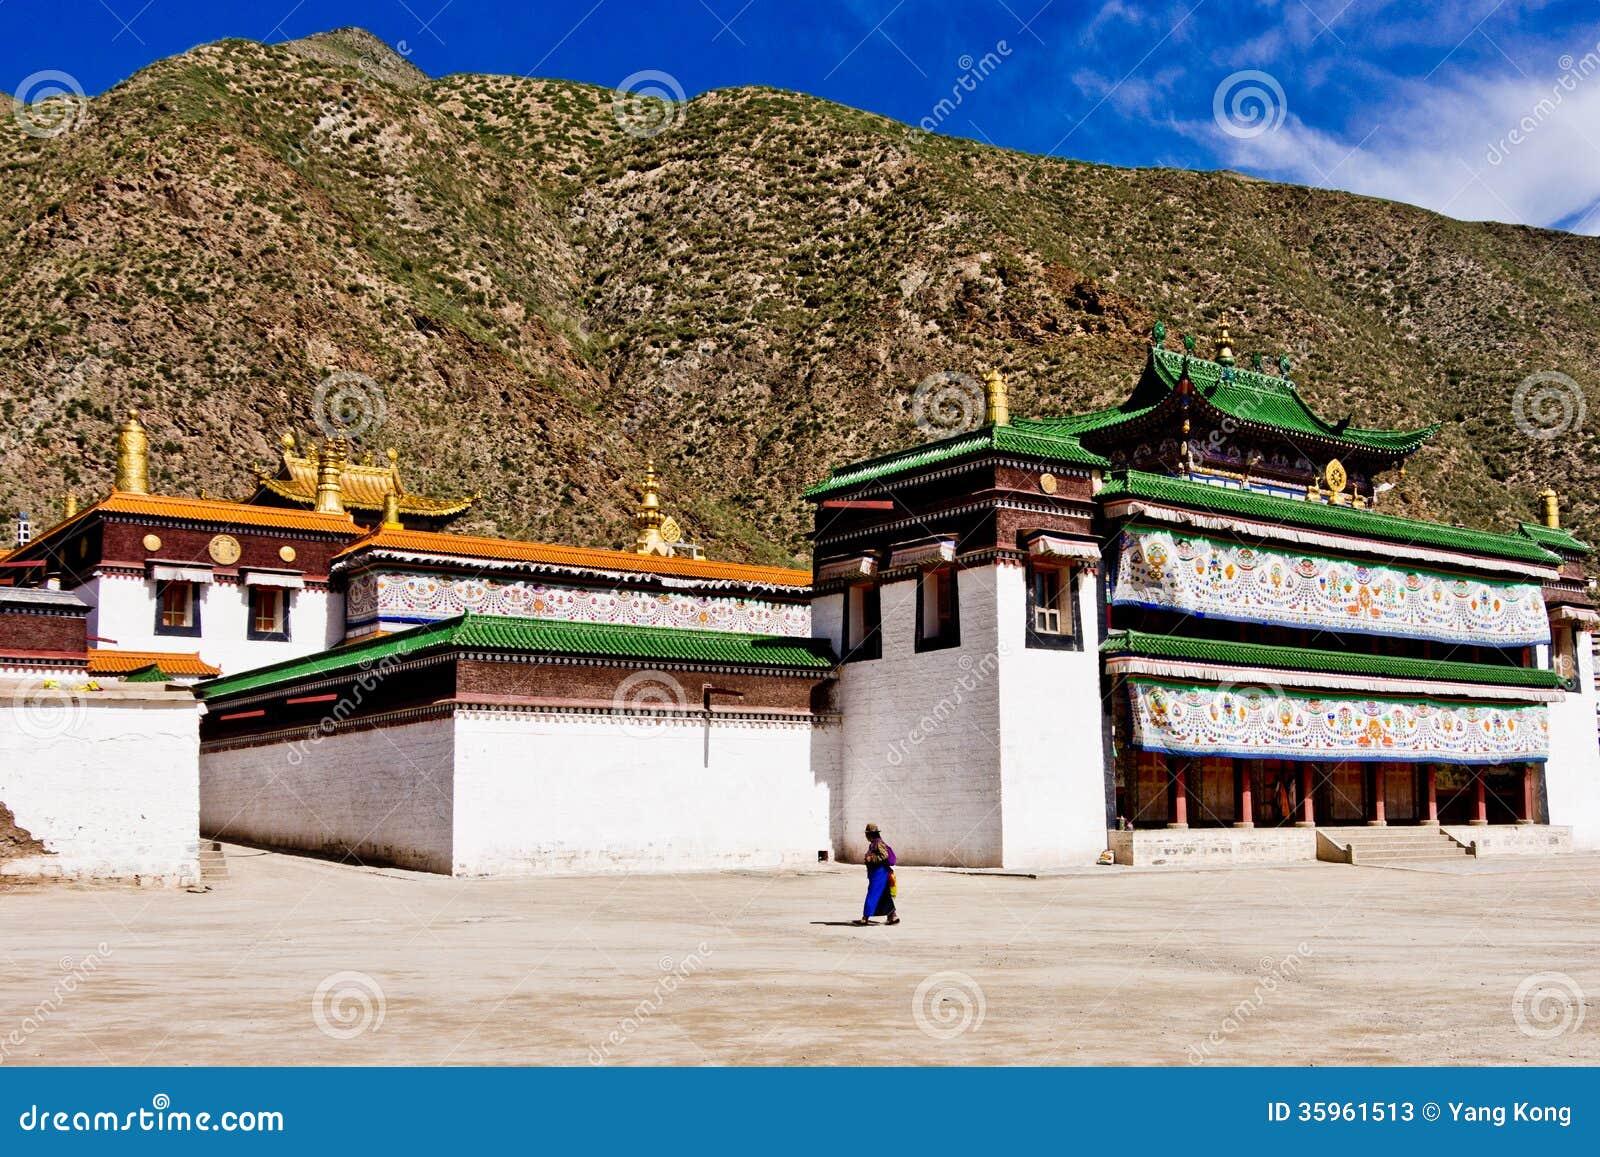 Academia tibetana, Labrang Lamasery